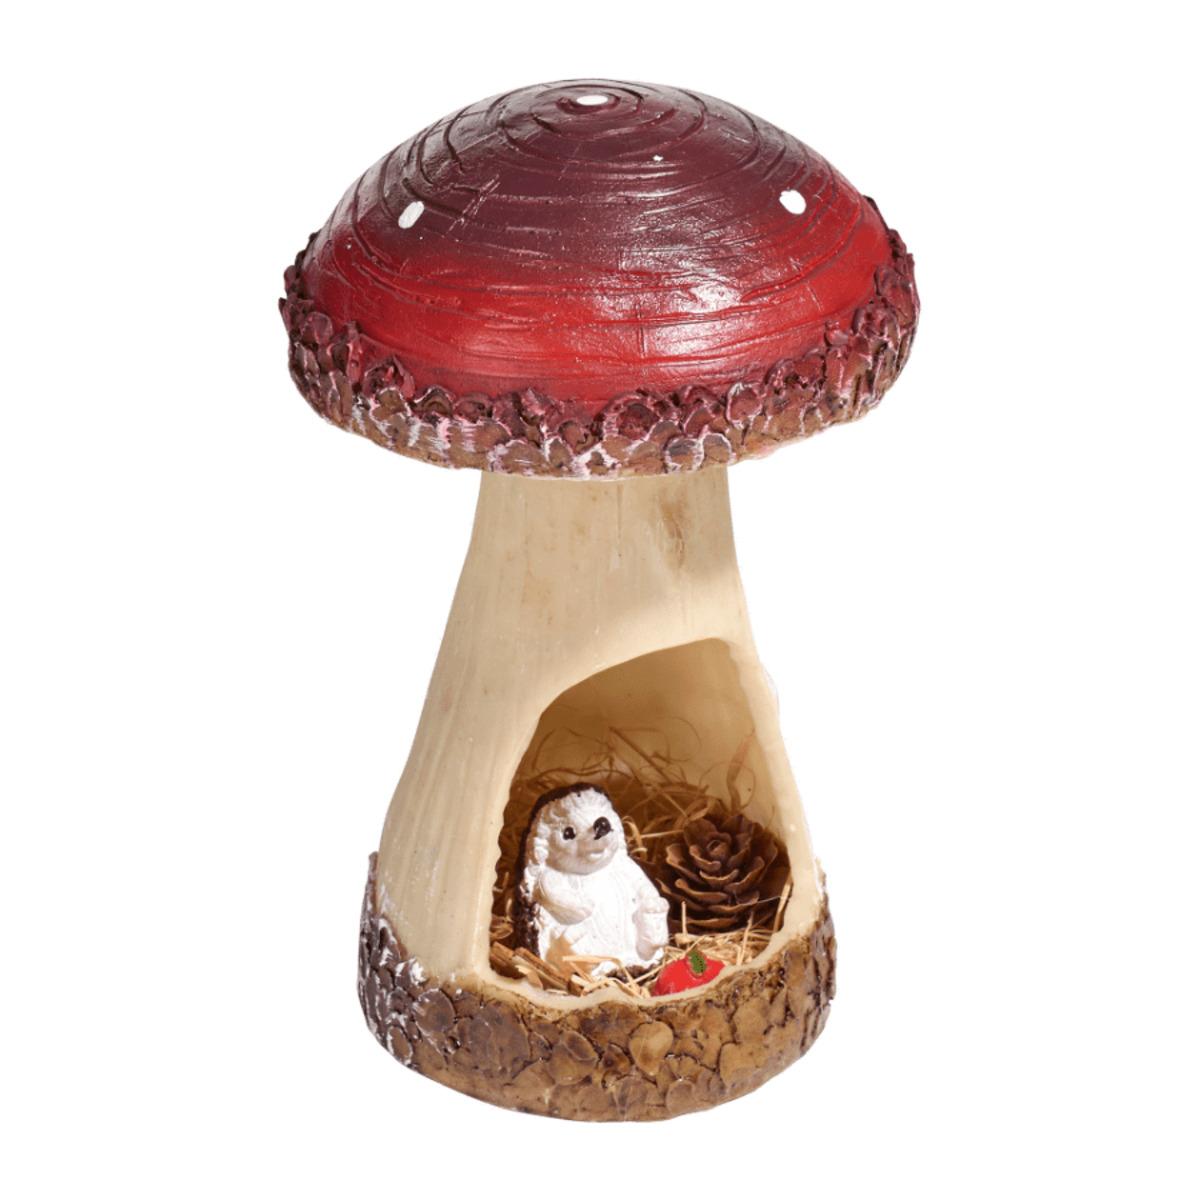 Bild 2 von LIVING ART     Holz-Herbstdekoration